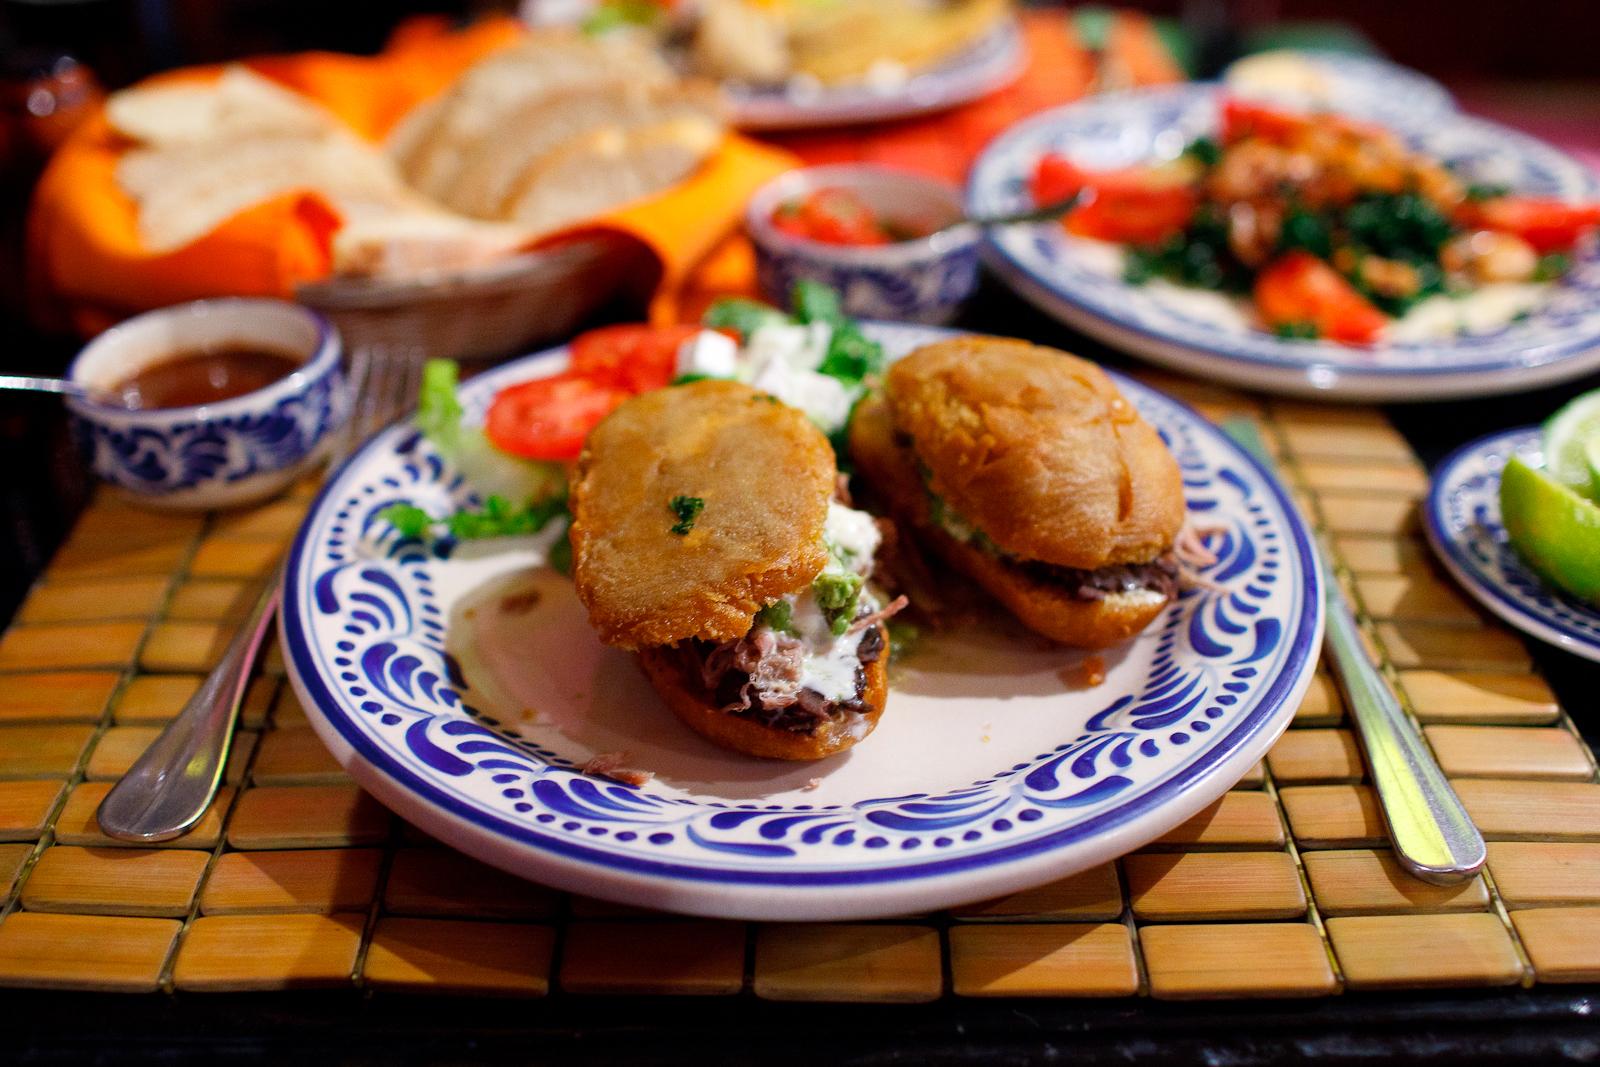 Guajolotes - pan especial de ague, frito y relleno de frijoles, guacamole, creme, salsa verde, y carne de res deshebrada